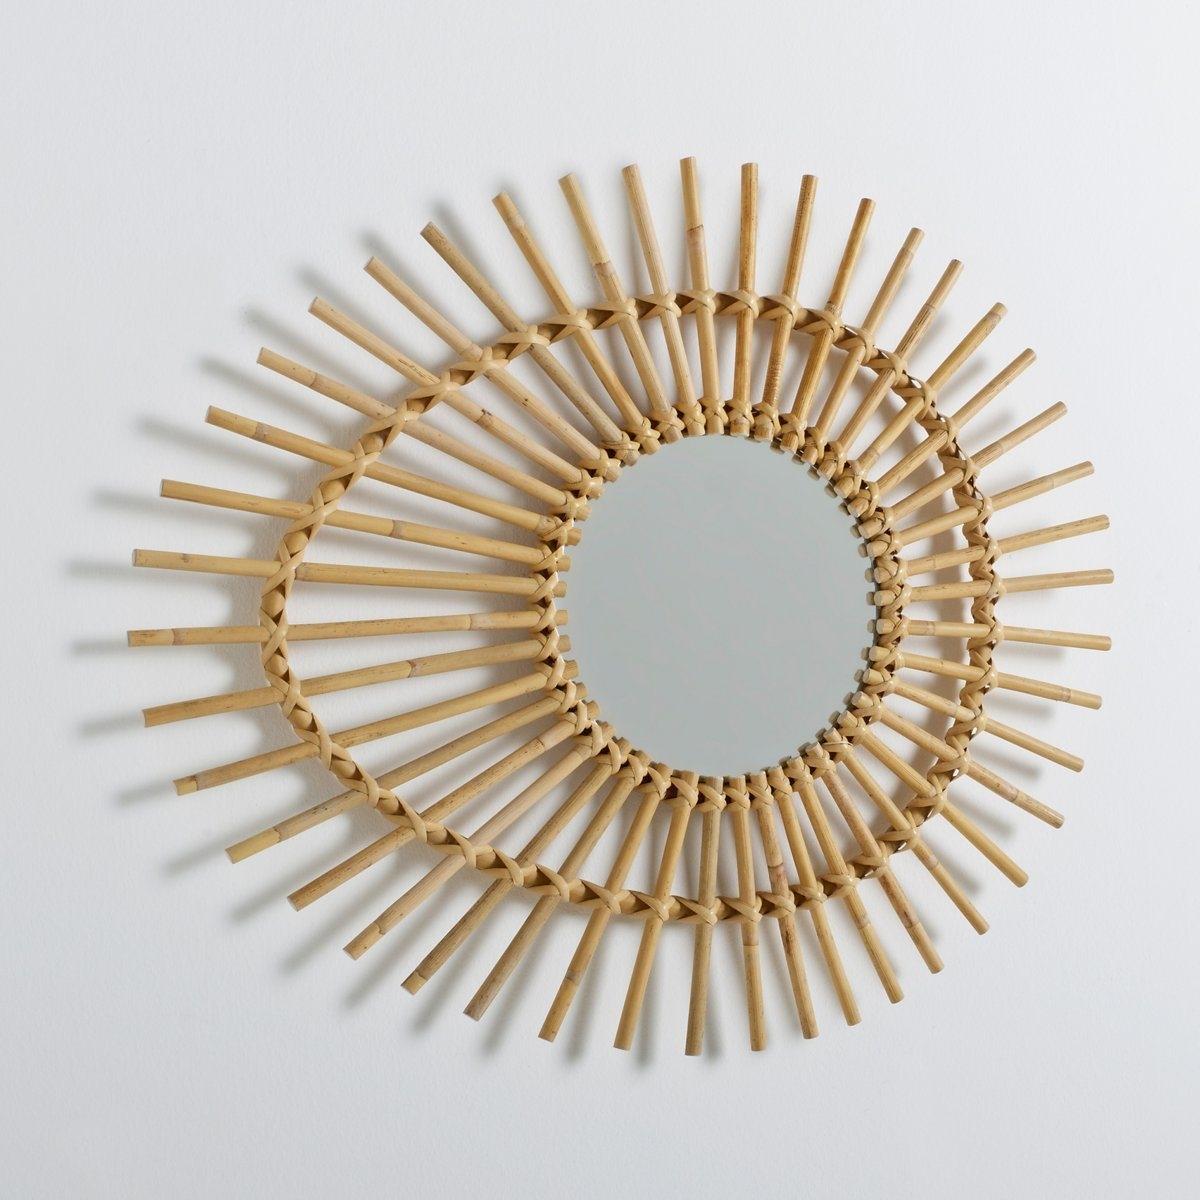 Винтажное зеркало Nogu в форме глаза из ротанга